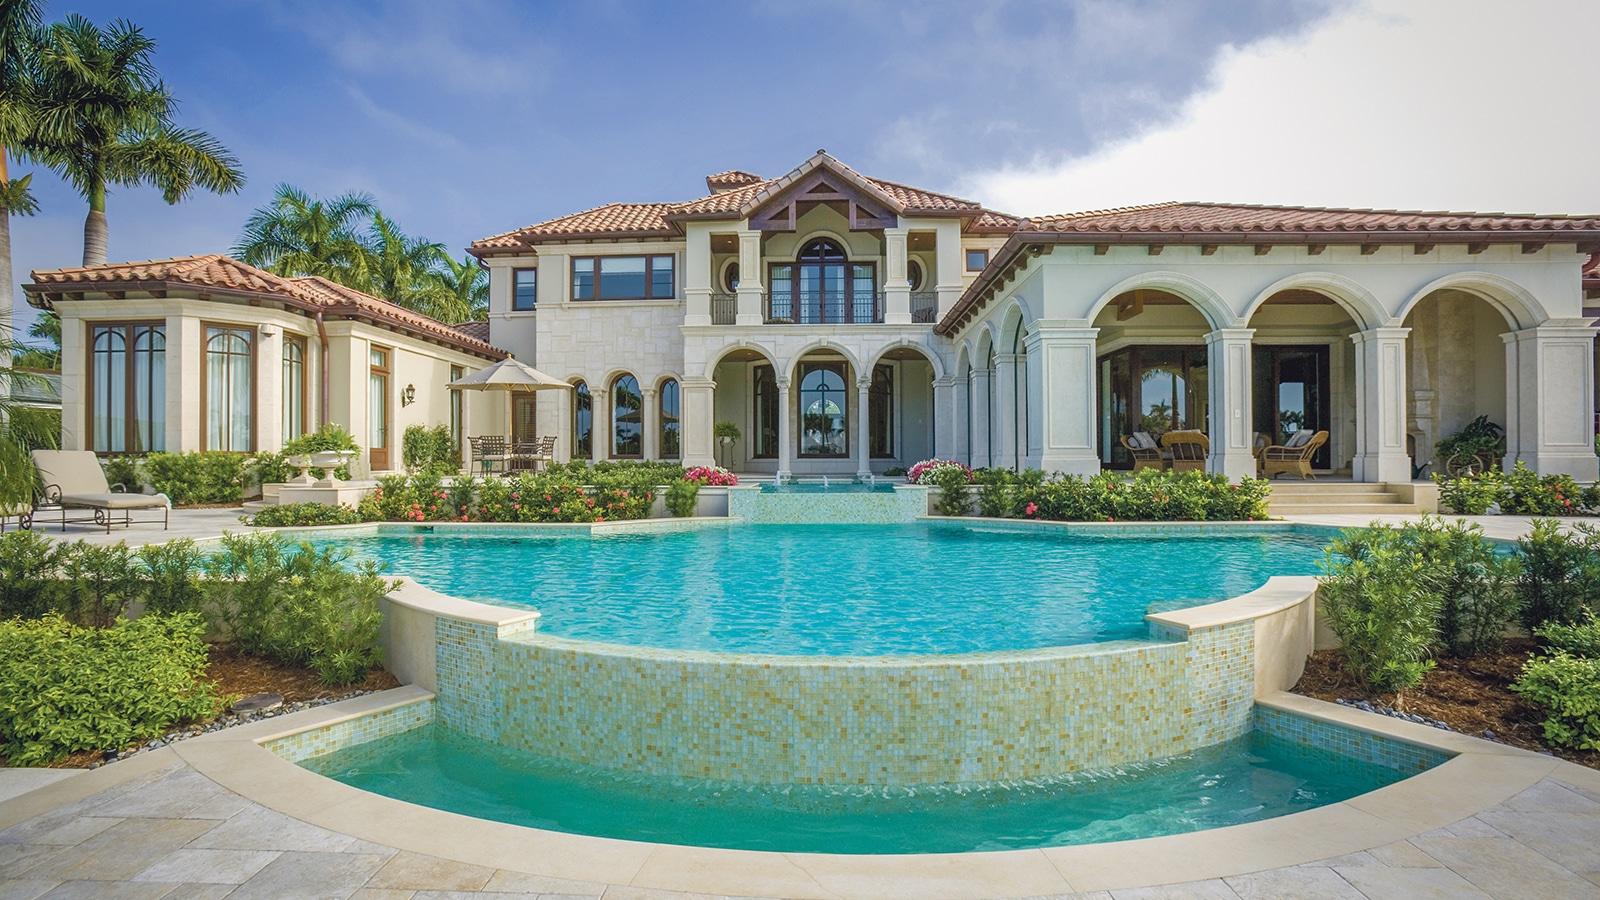 Vakantiehuis met een groot zwembad